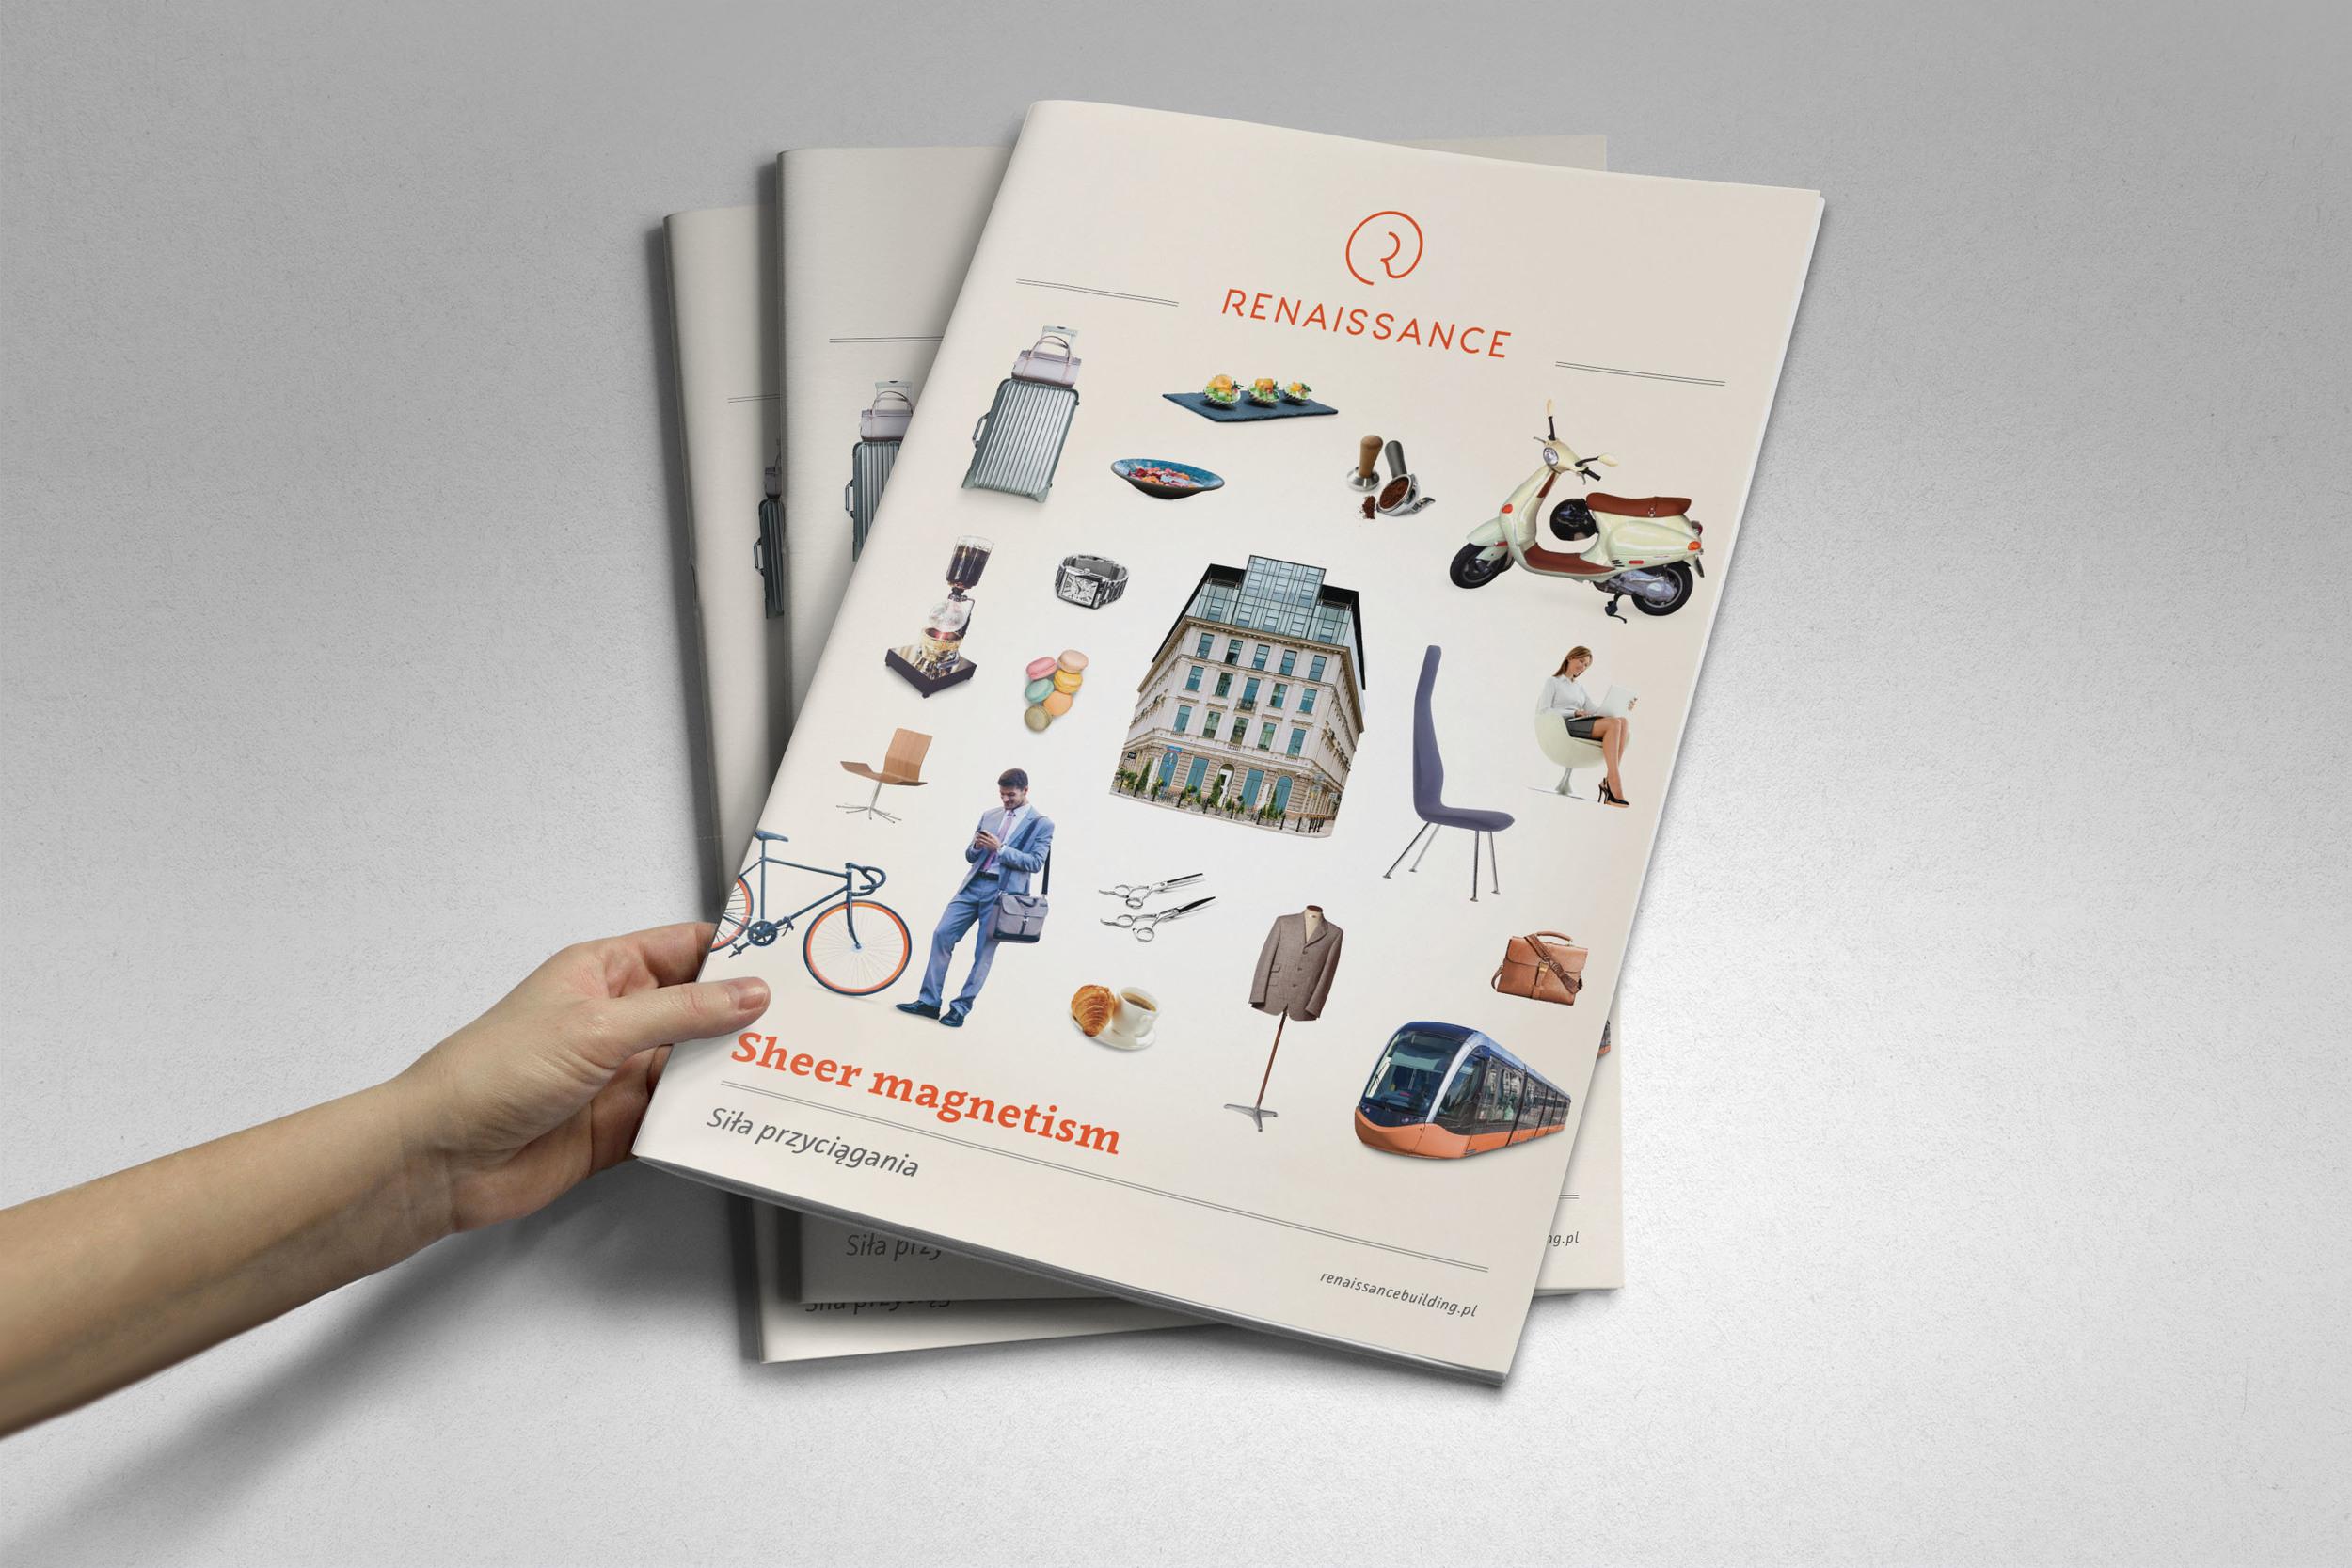 2016 GLL Renaissance brochure 1.jpg